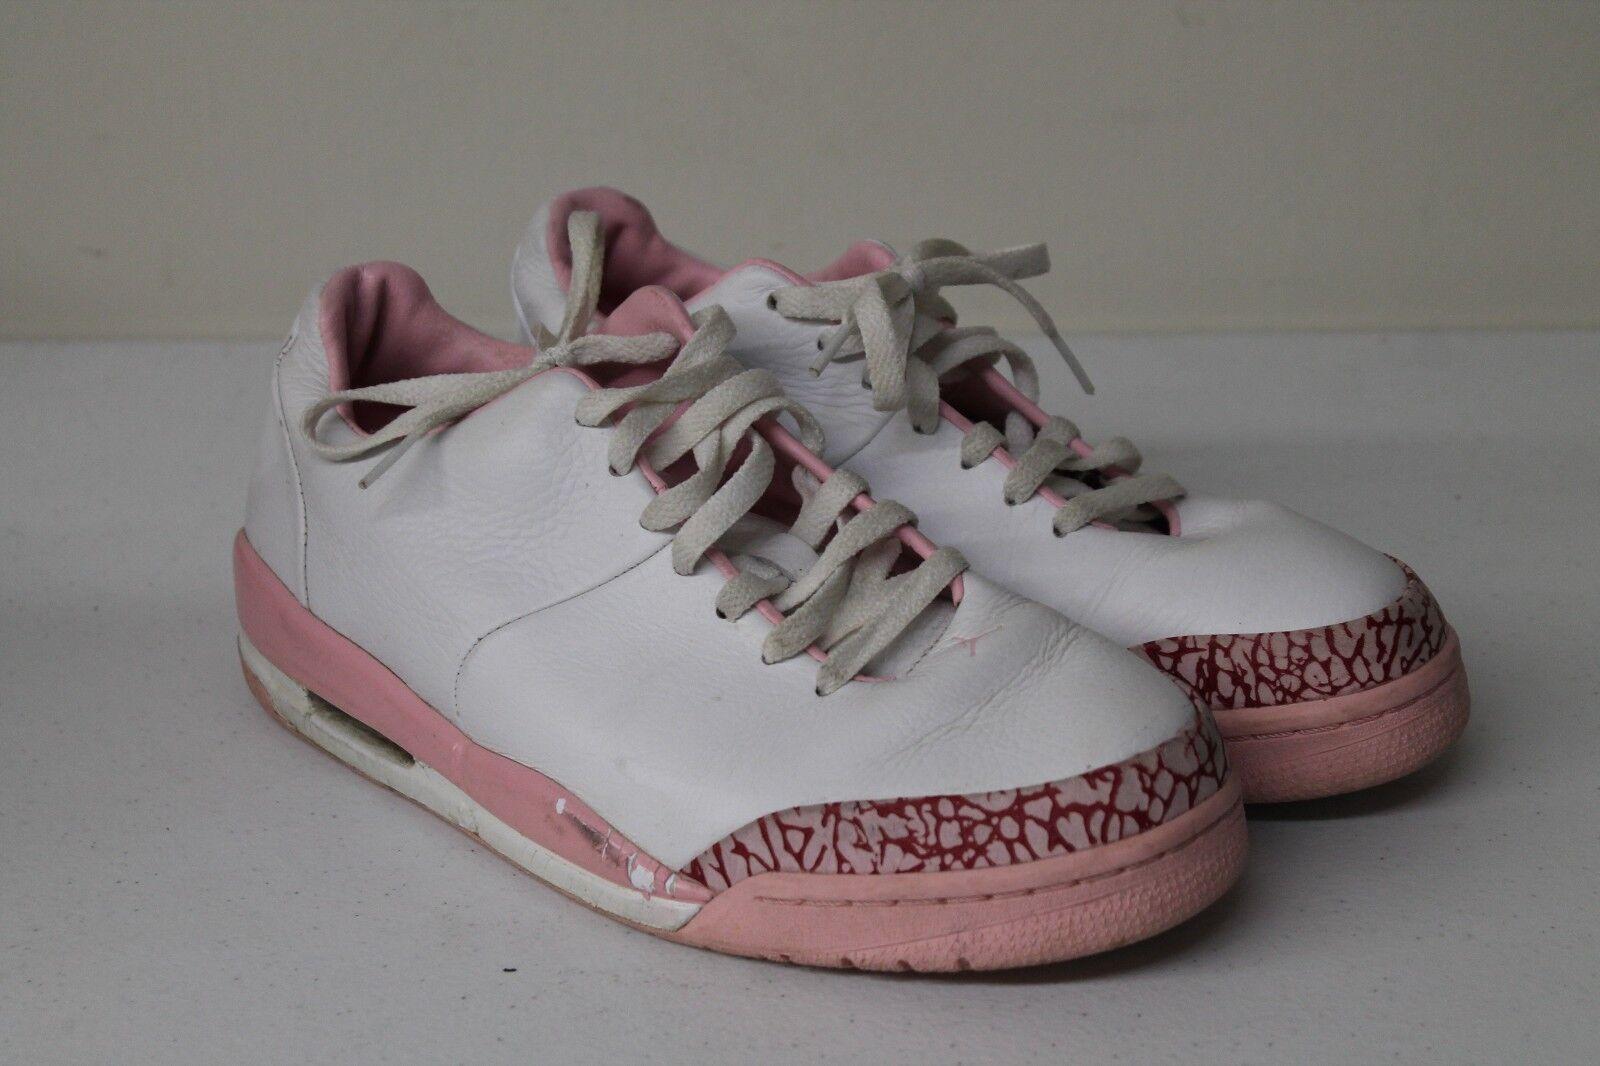 nike air jordan 23 shoes